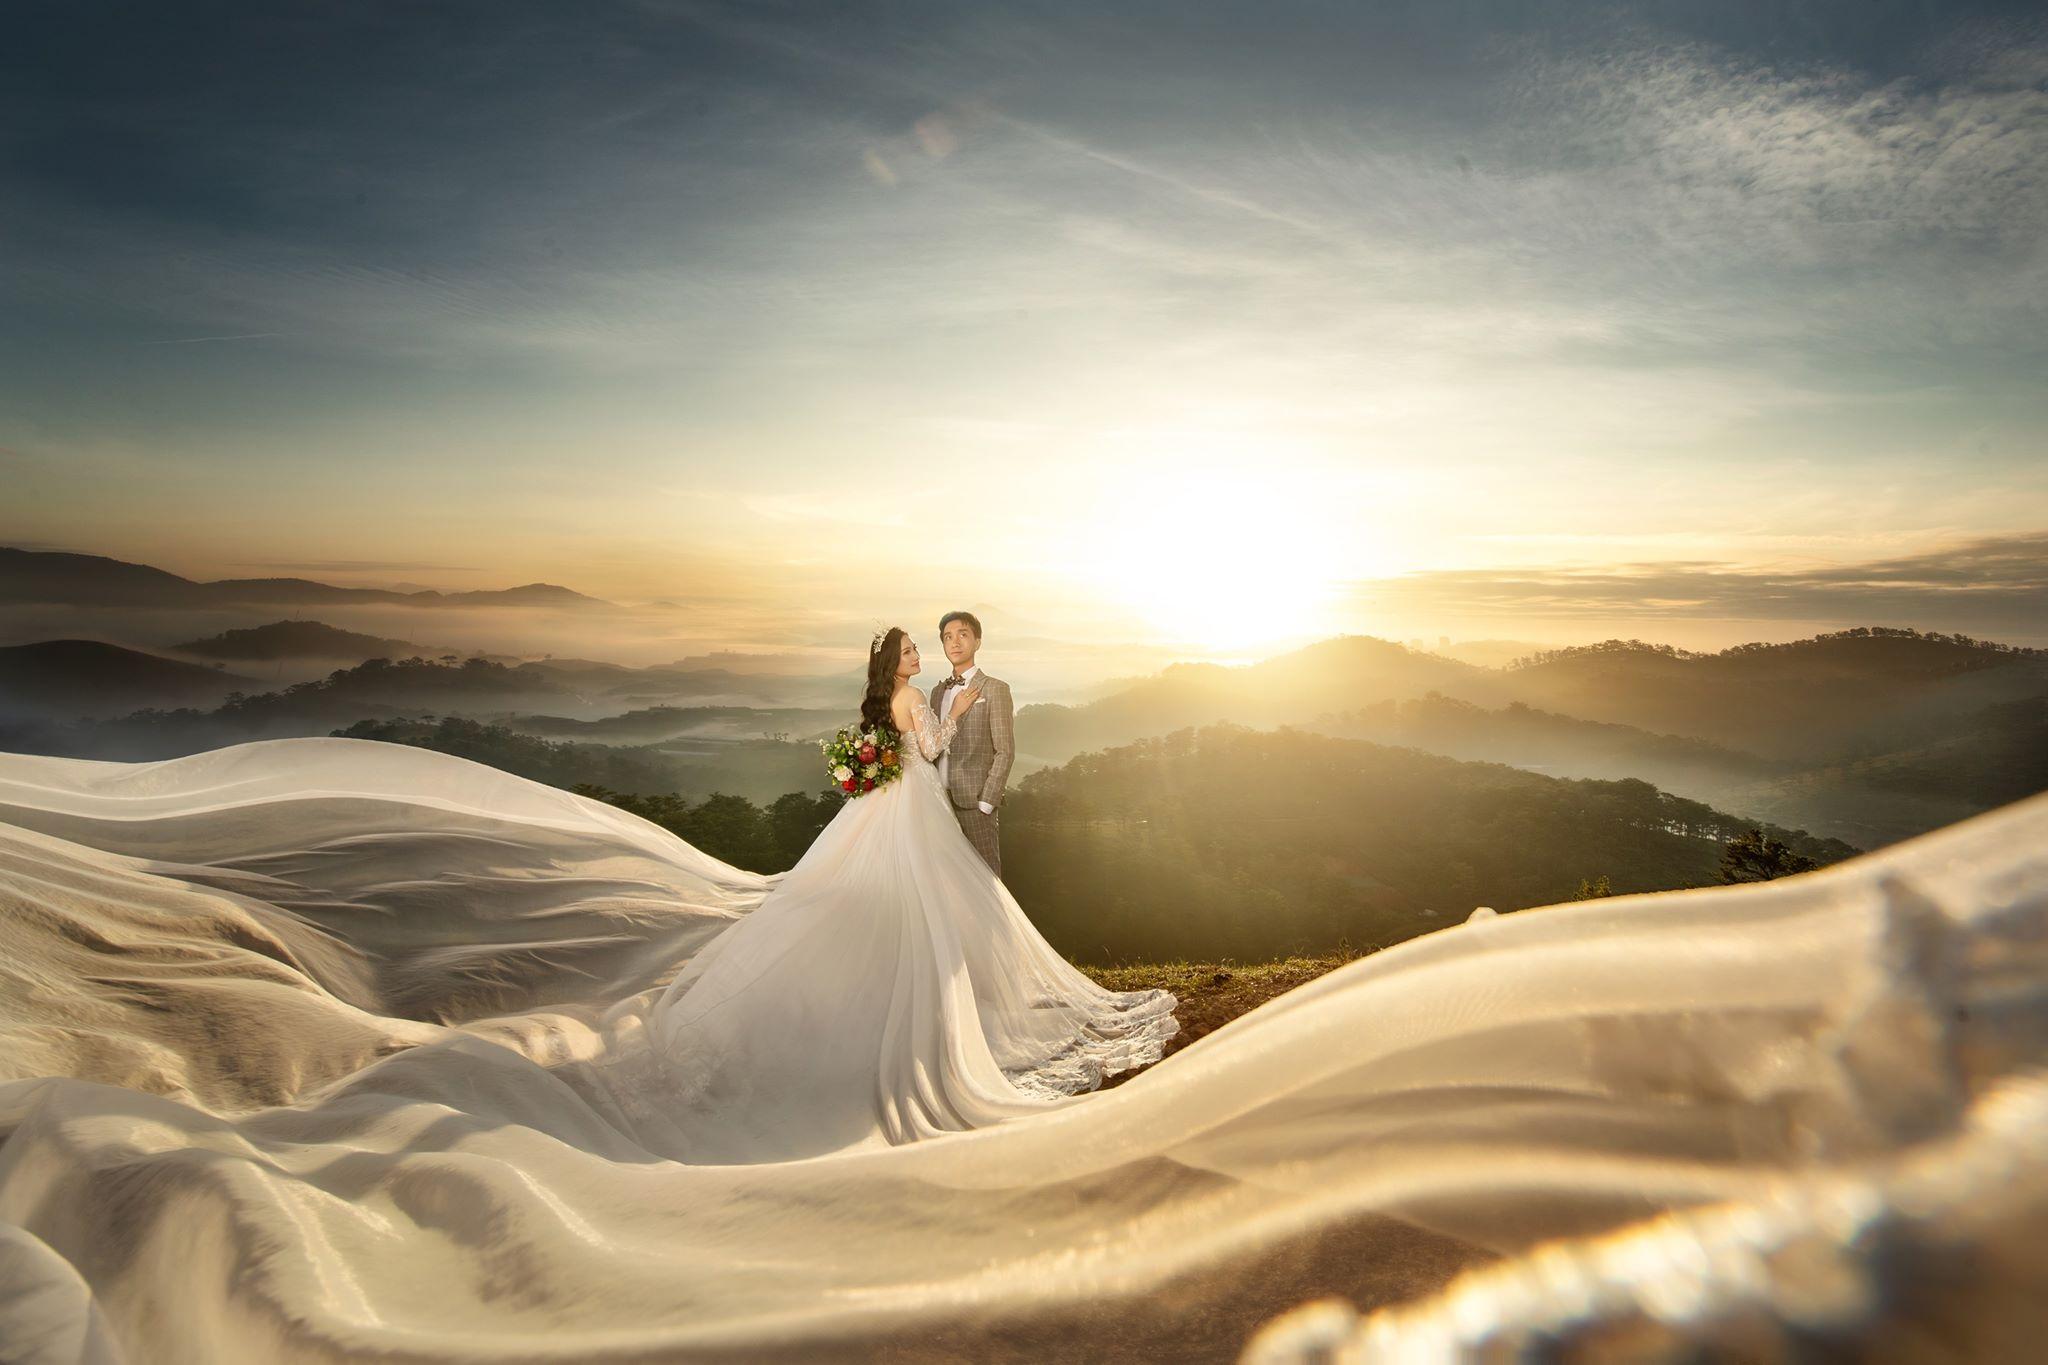 Chụp ảnh cưới Đà Lạt mùa nào đẹp?bạn cần biết